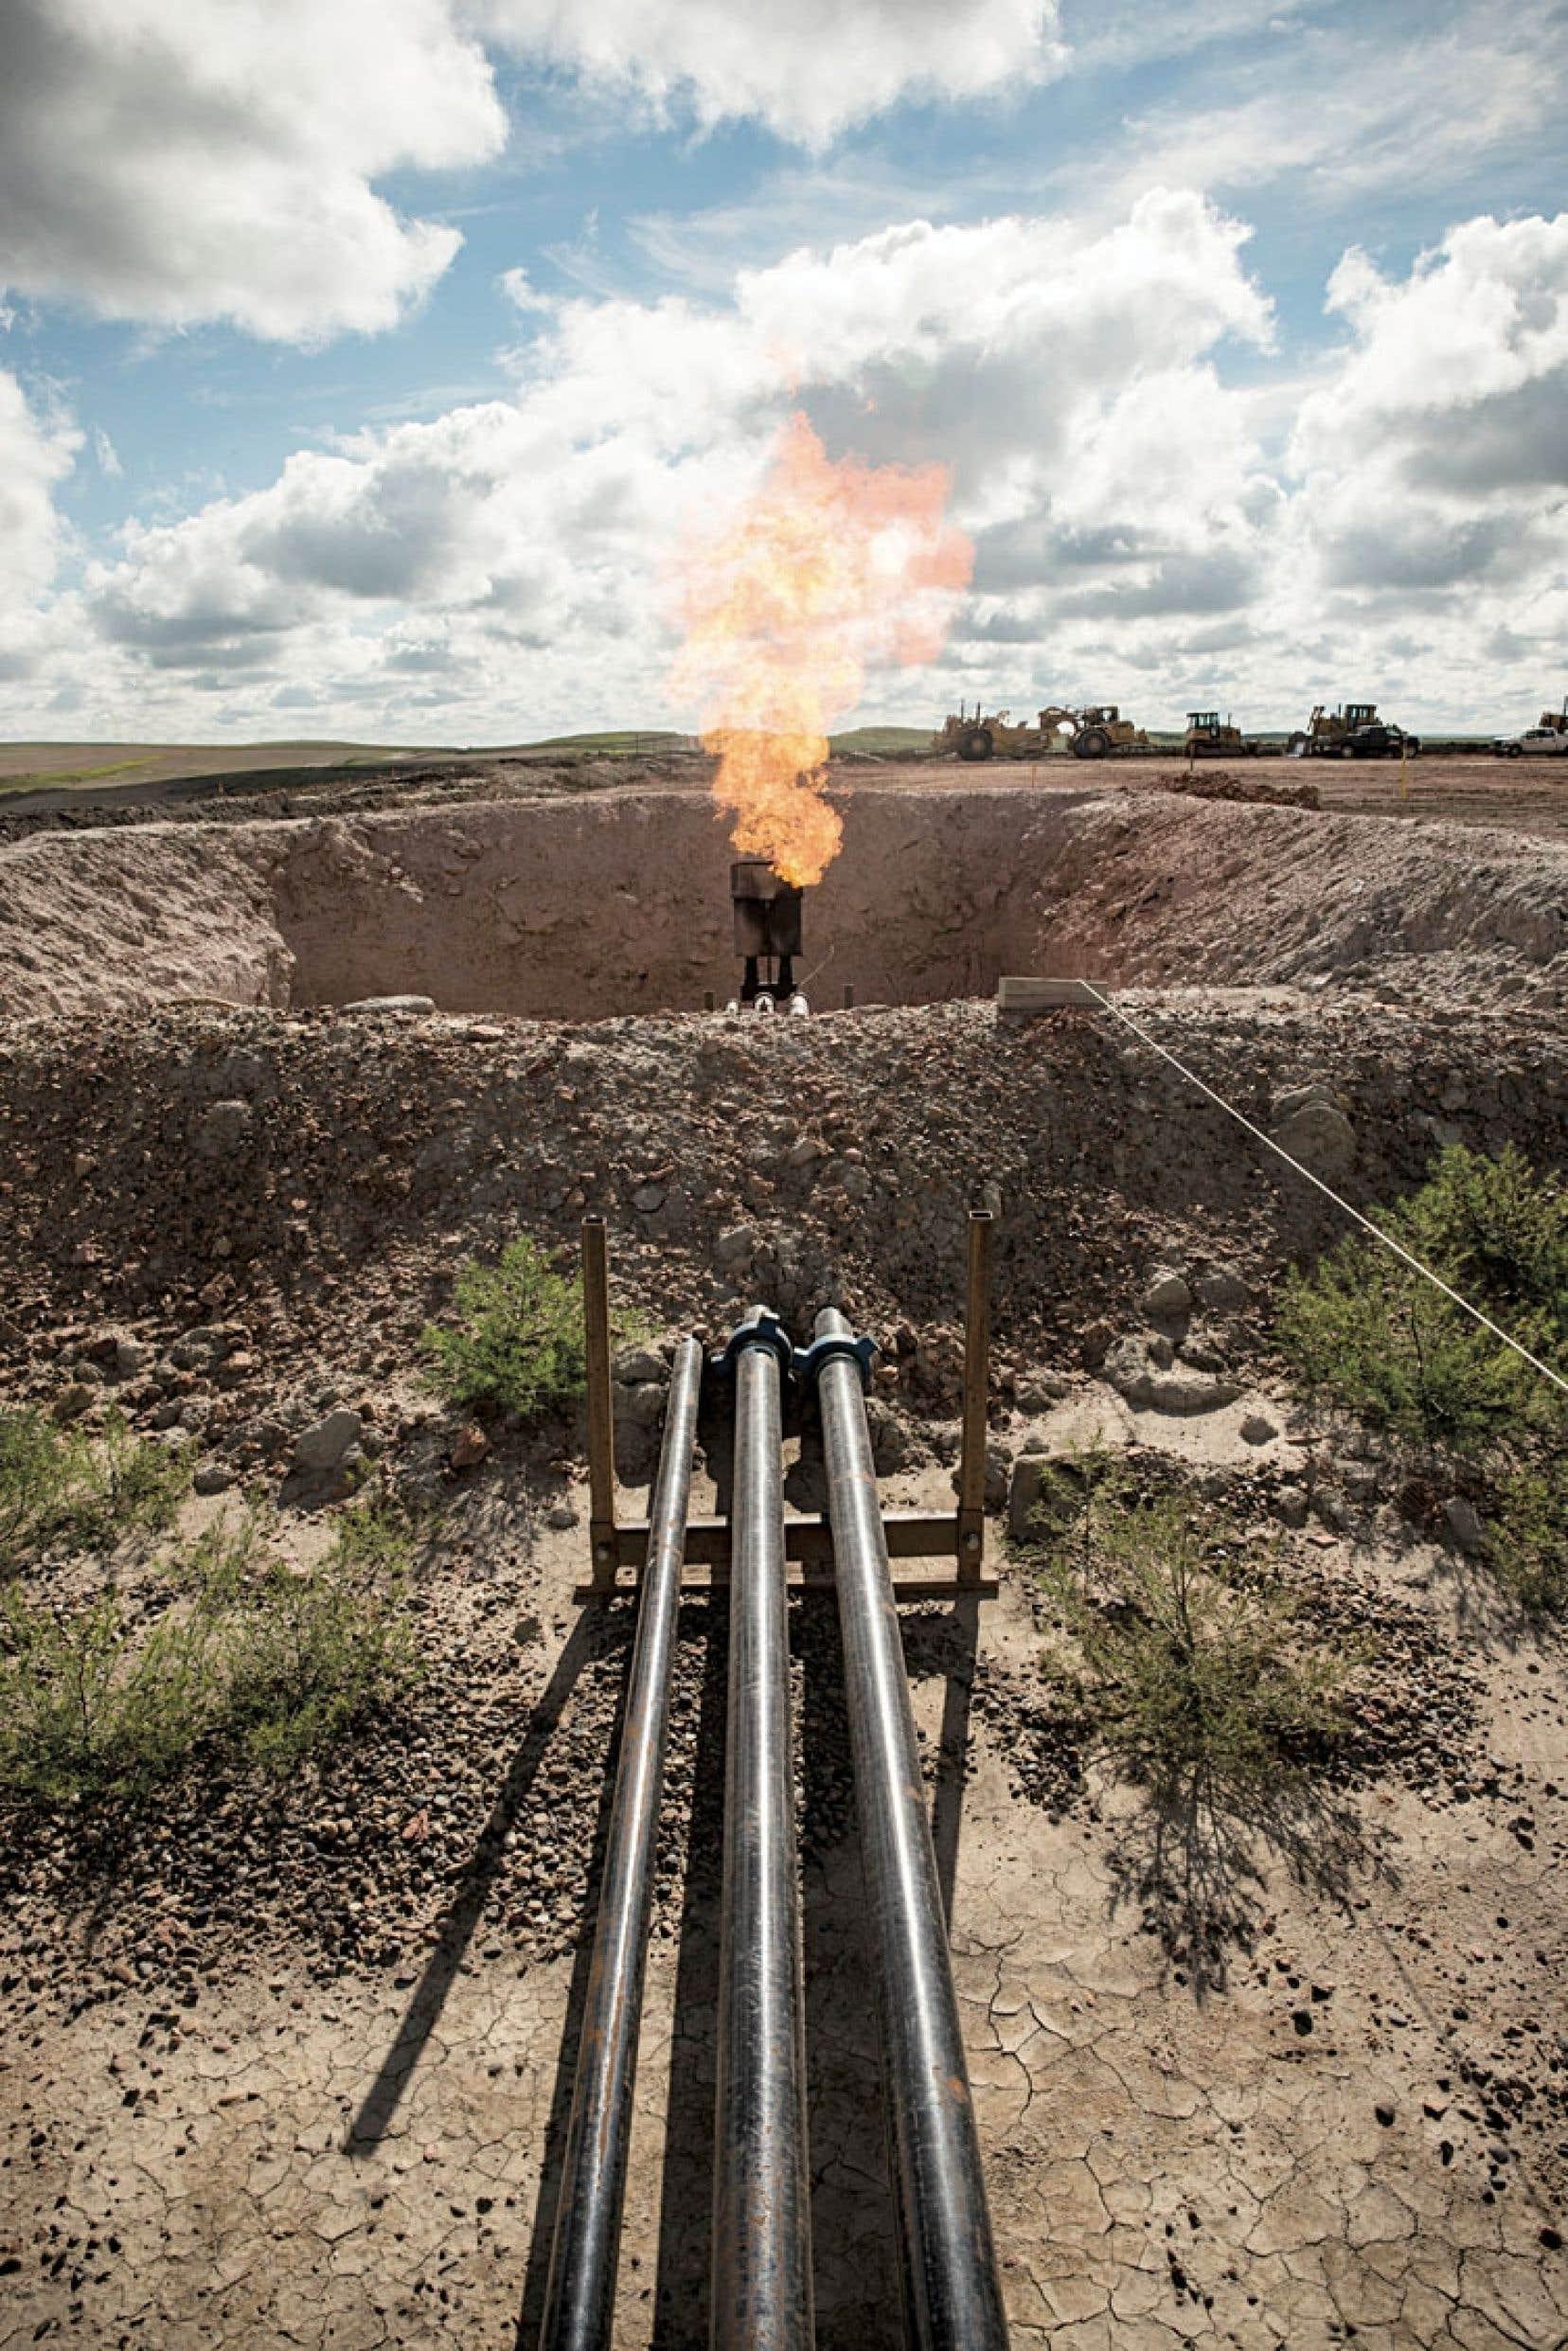 Une torche brûlant au-dessus d'un puits de forage dans le Dakota du Nord. Il y a peut-être 40milliards de barils sur l'île d'Anticosti, mais comme au Dakota, c'est environ 1,2% qui est peut-être récupérable par les puits.